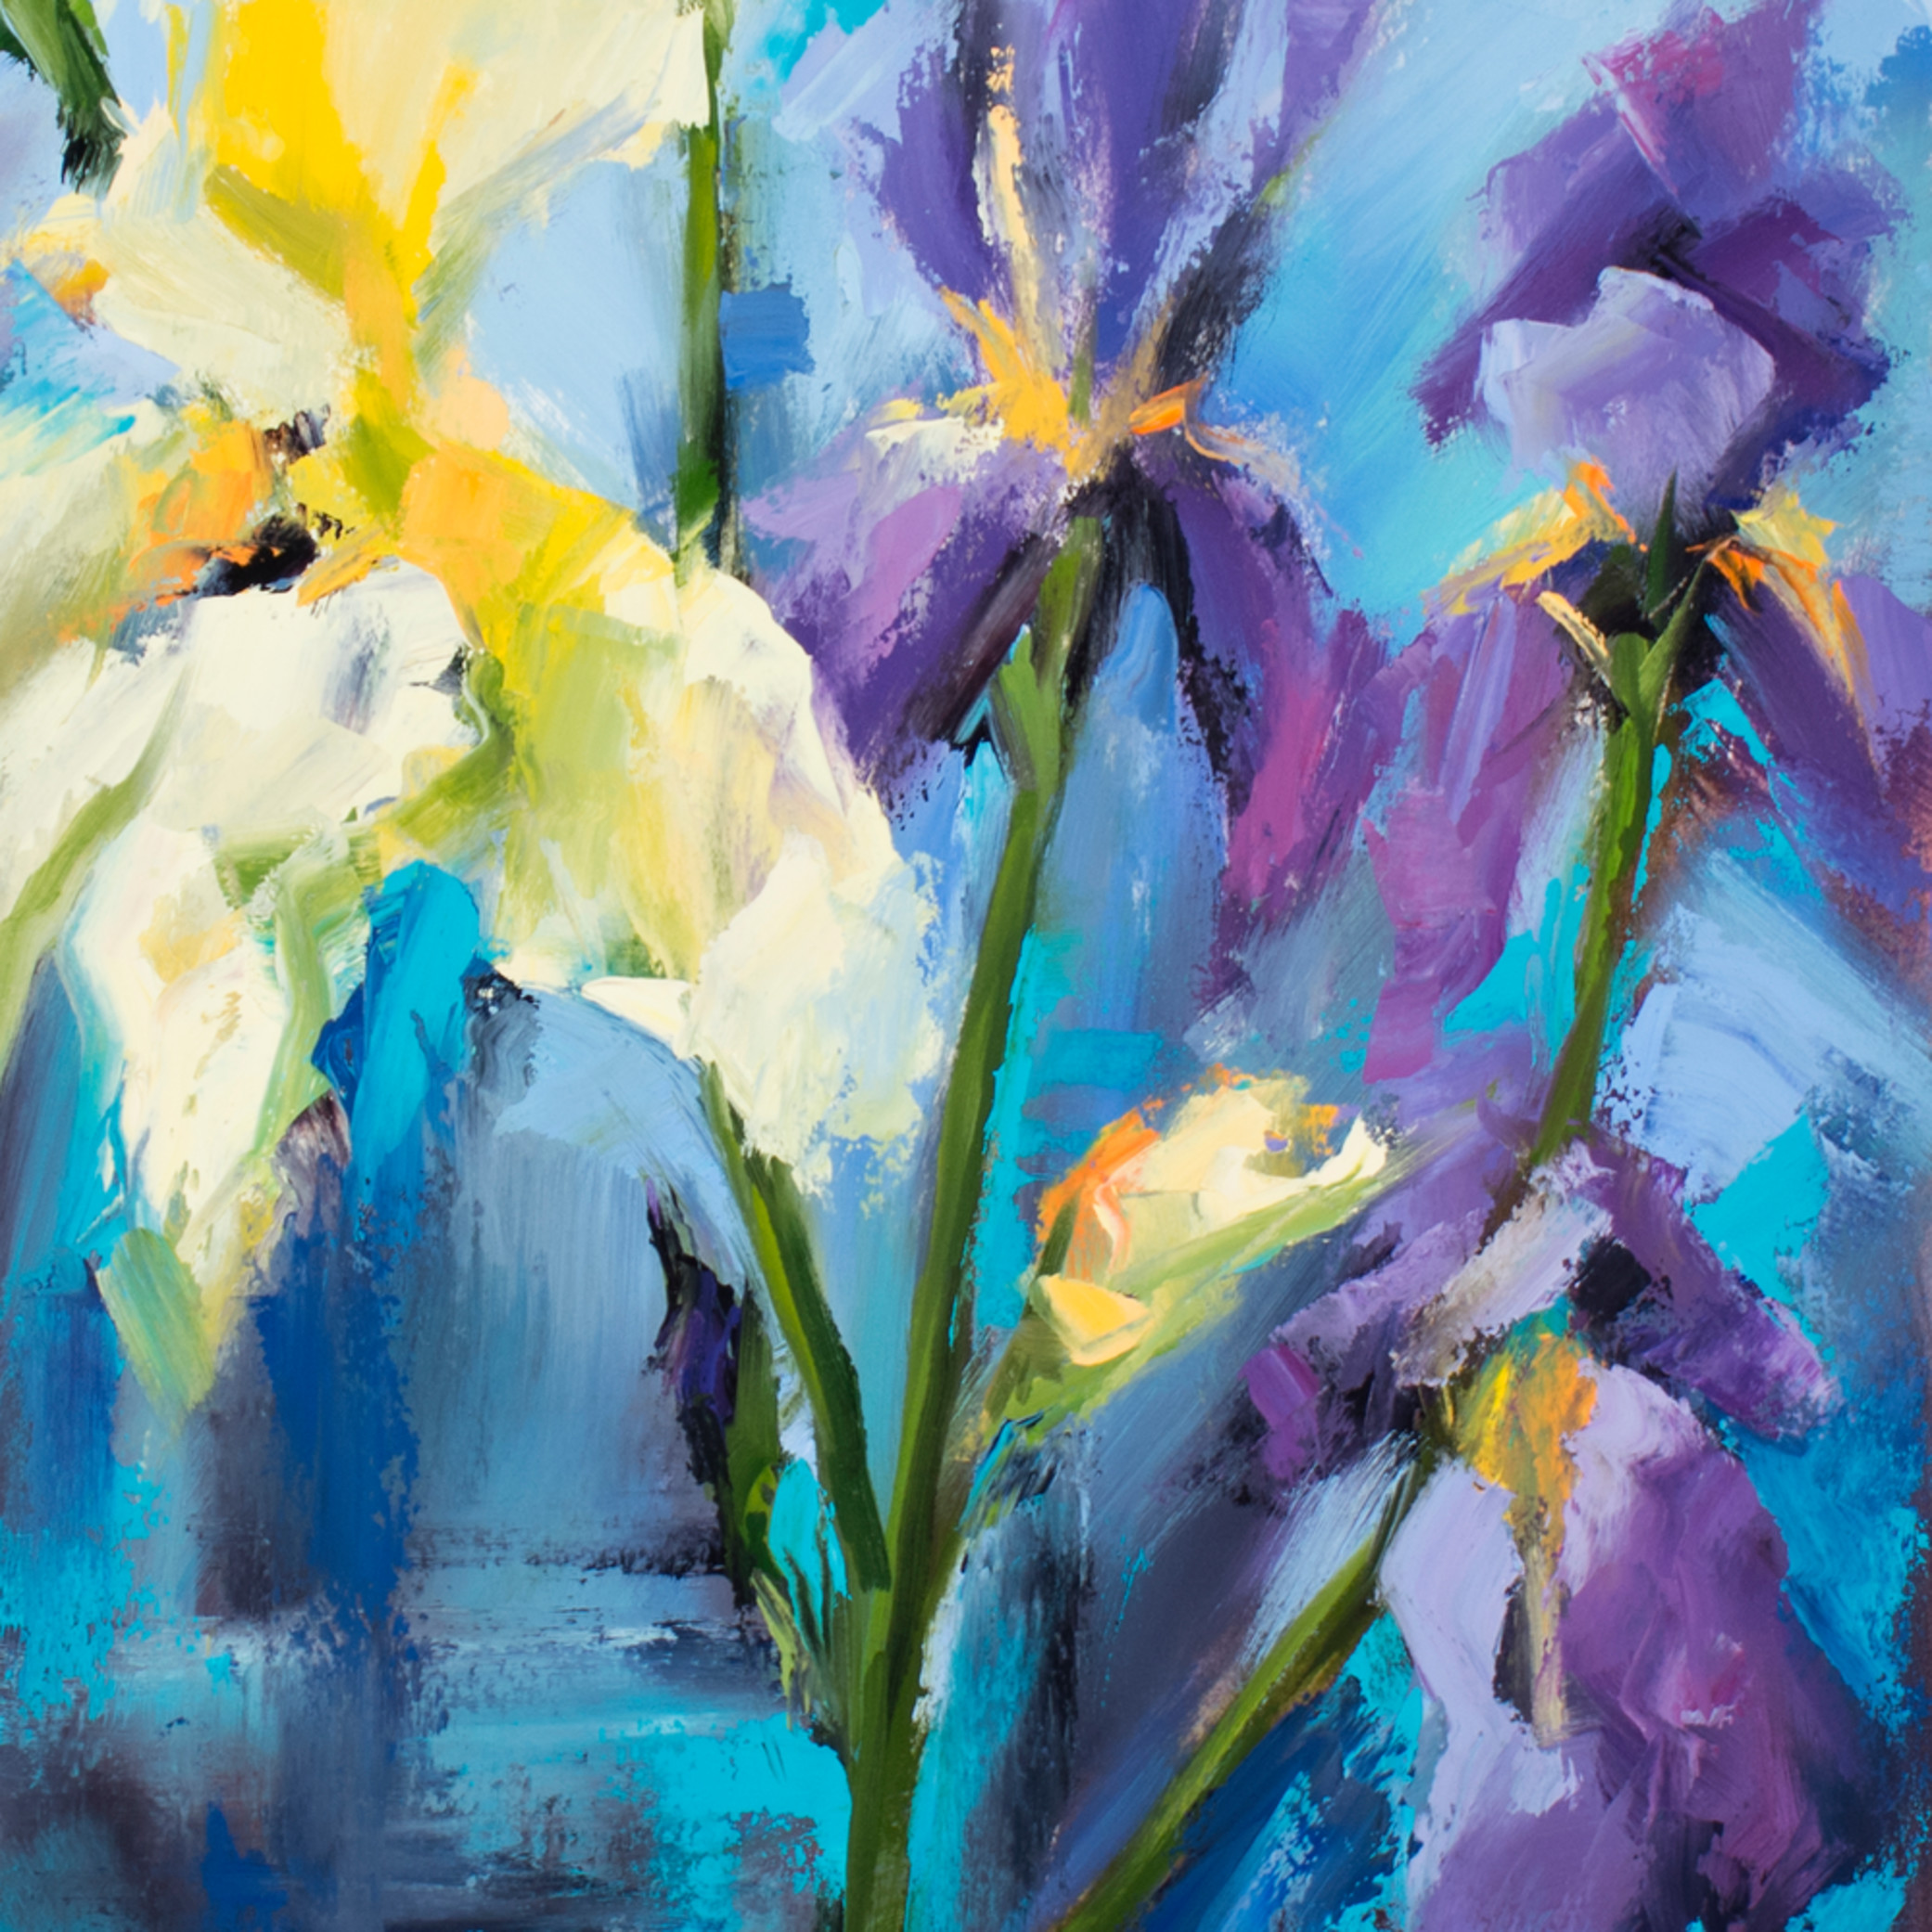 Irises w3cxei